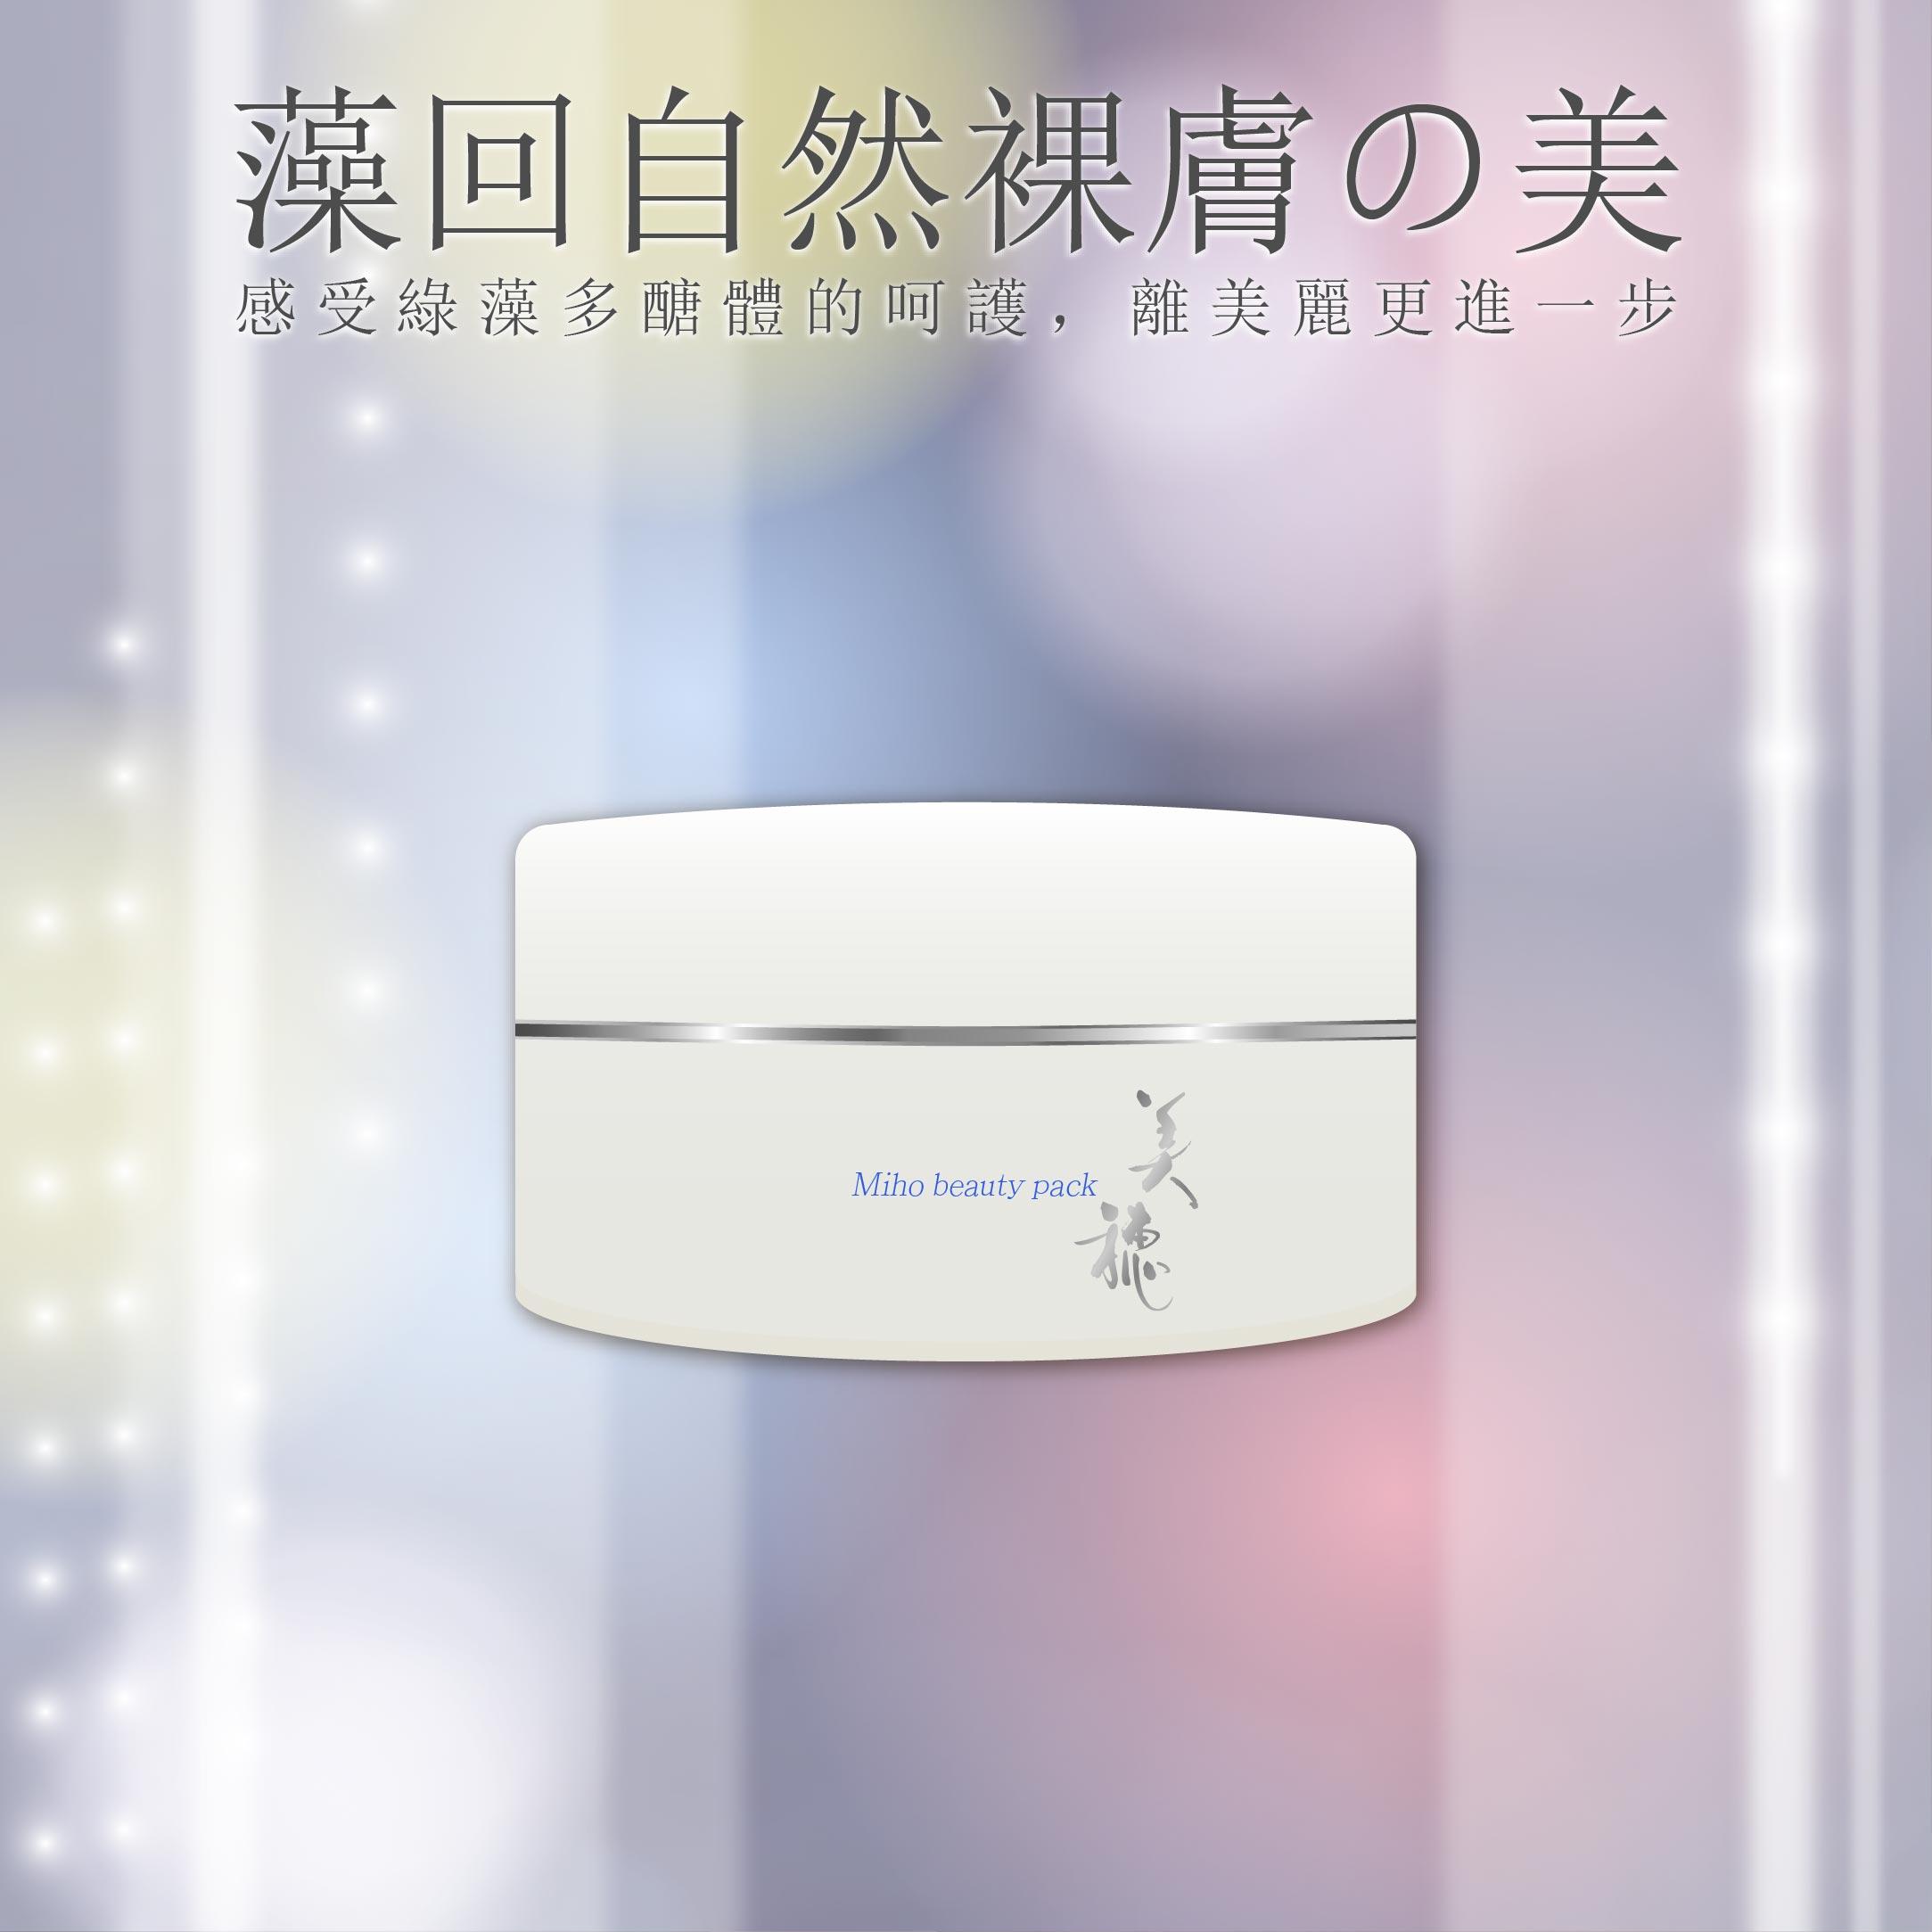 美穗敷面霜50g